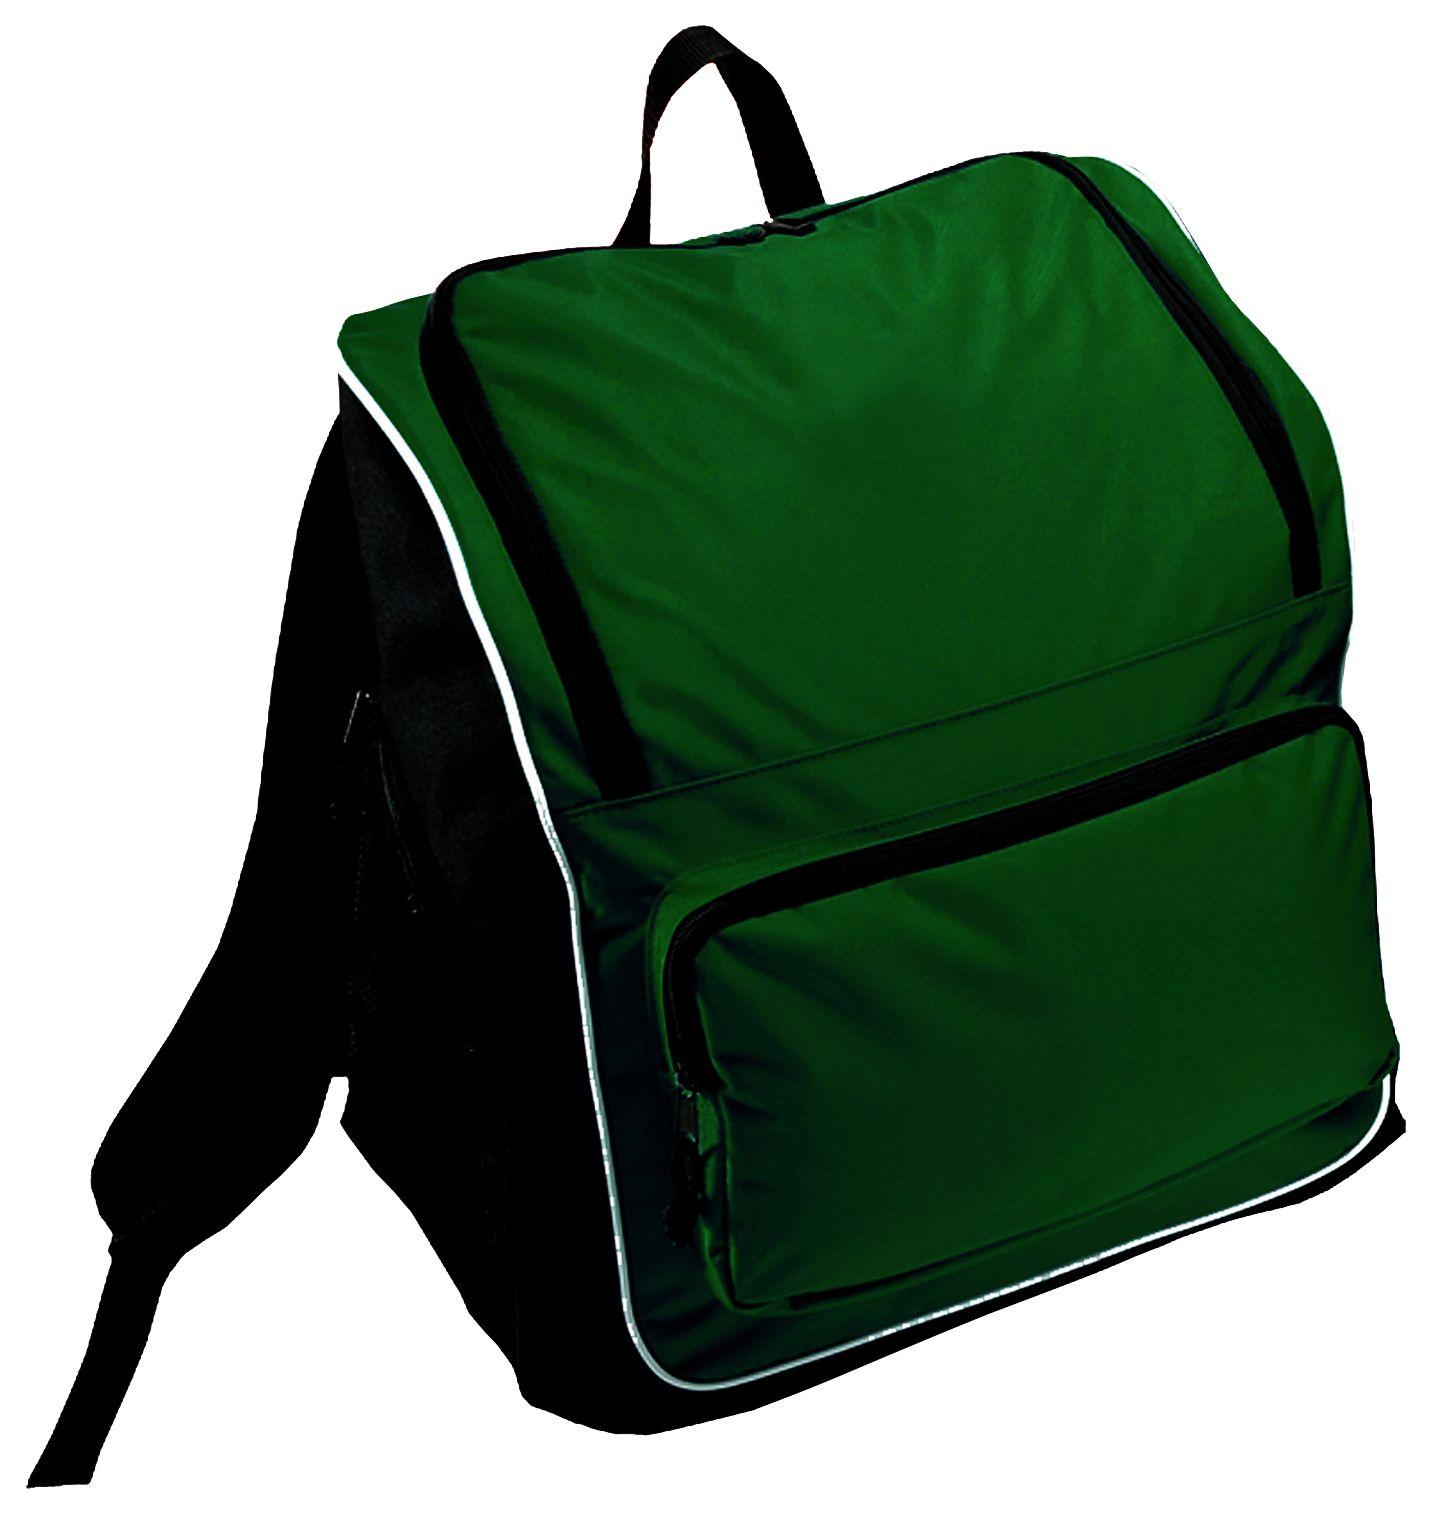 Sportsman Backpack Bag - DARK GREEN/BLACK/WHITE